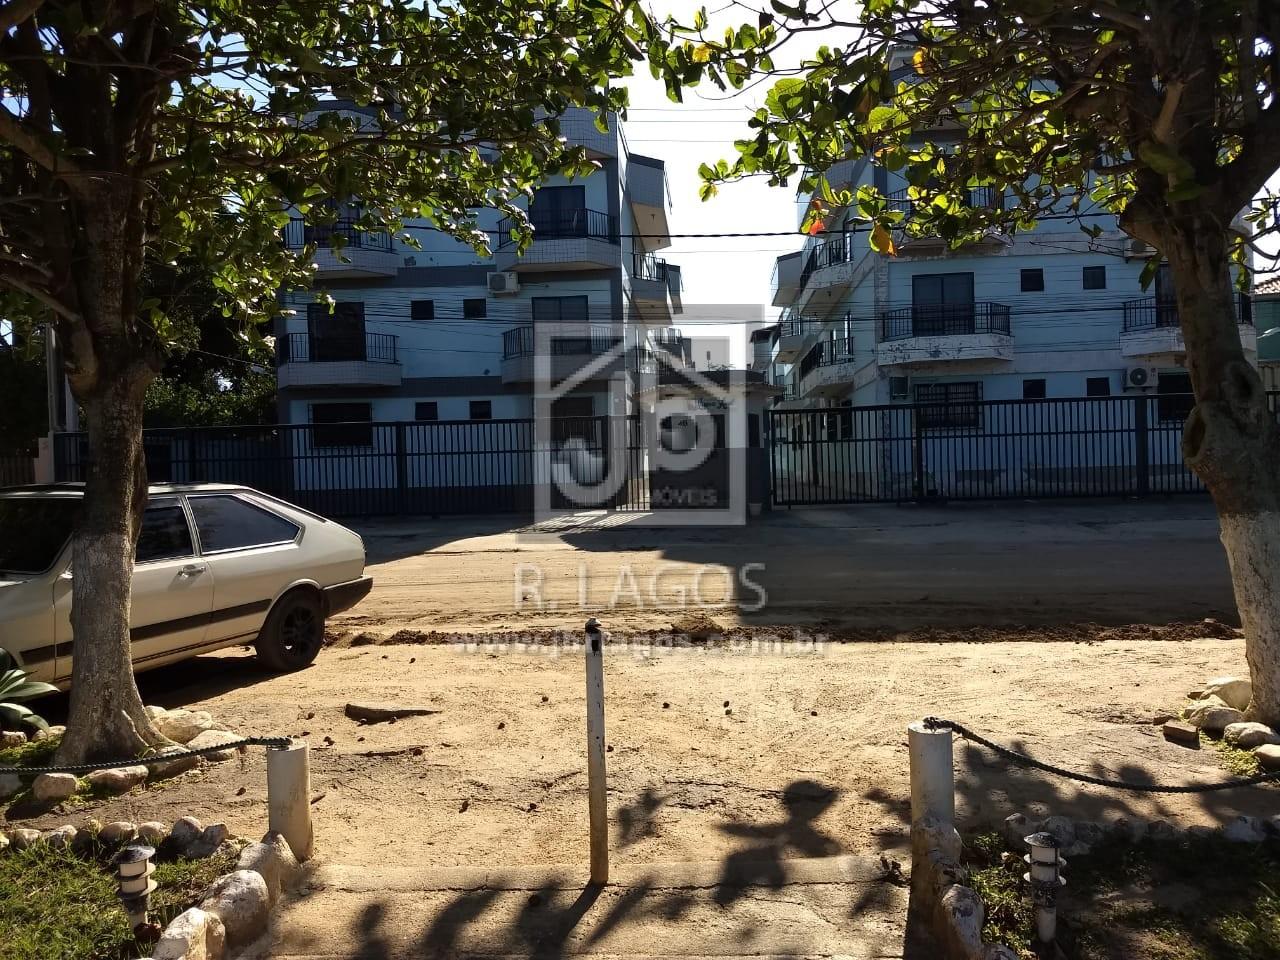 Amplo apartamento térreo, mobiliado e decorado em prédio frontal a Lagoa de Araruama (pé na areia)